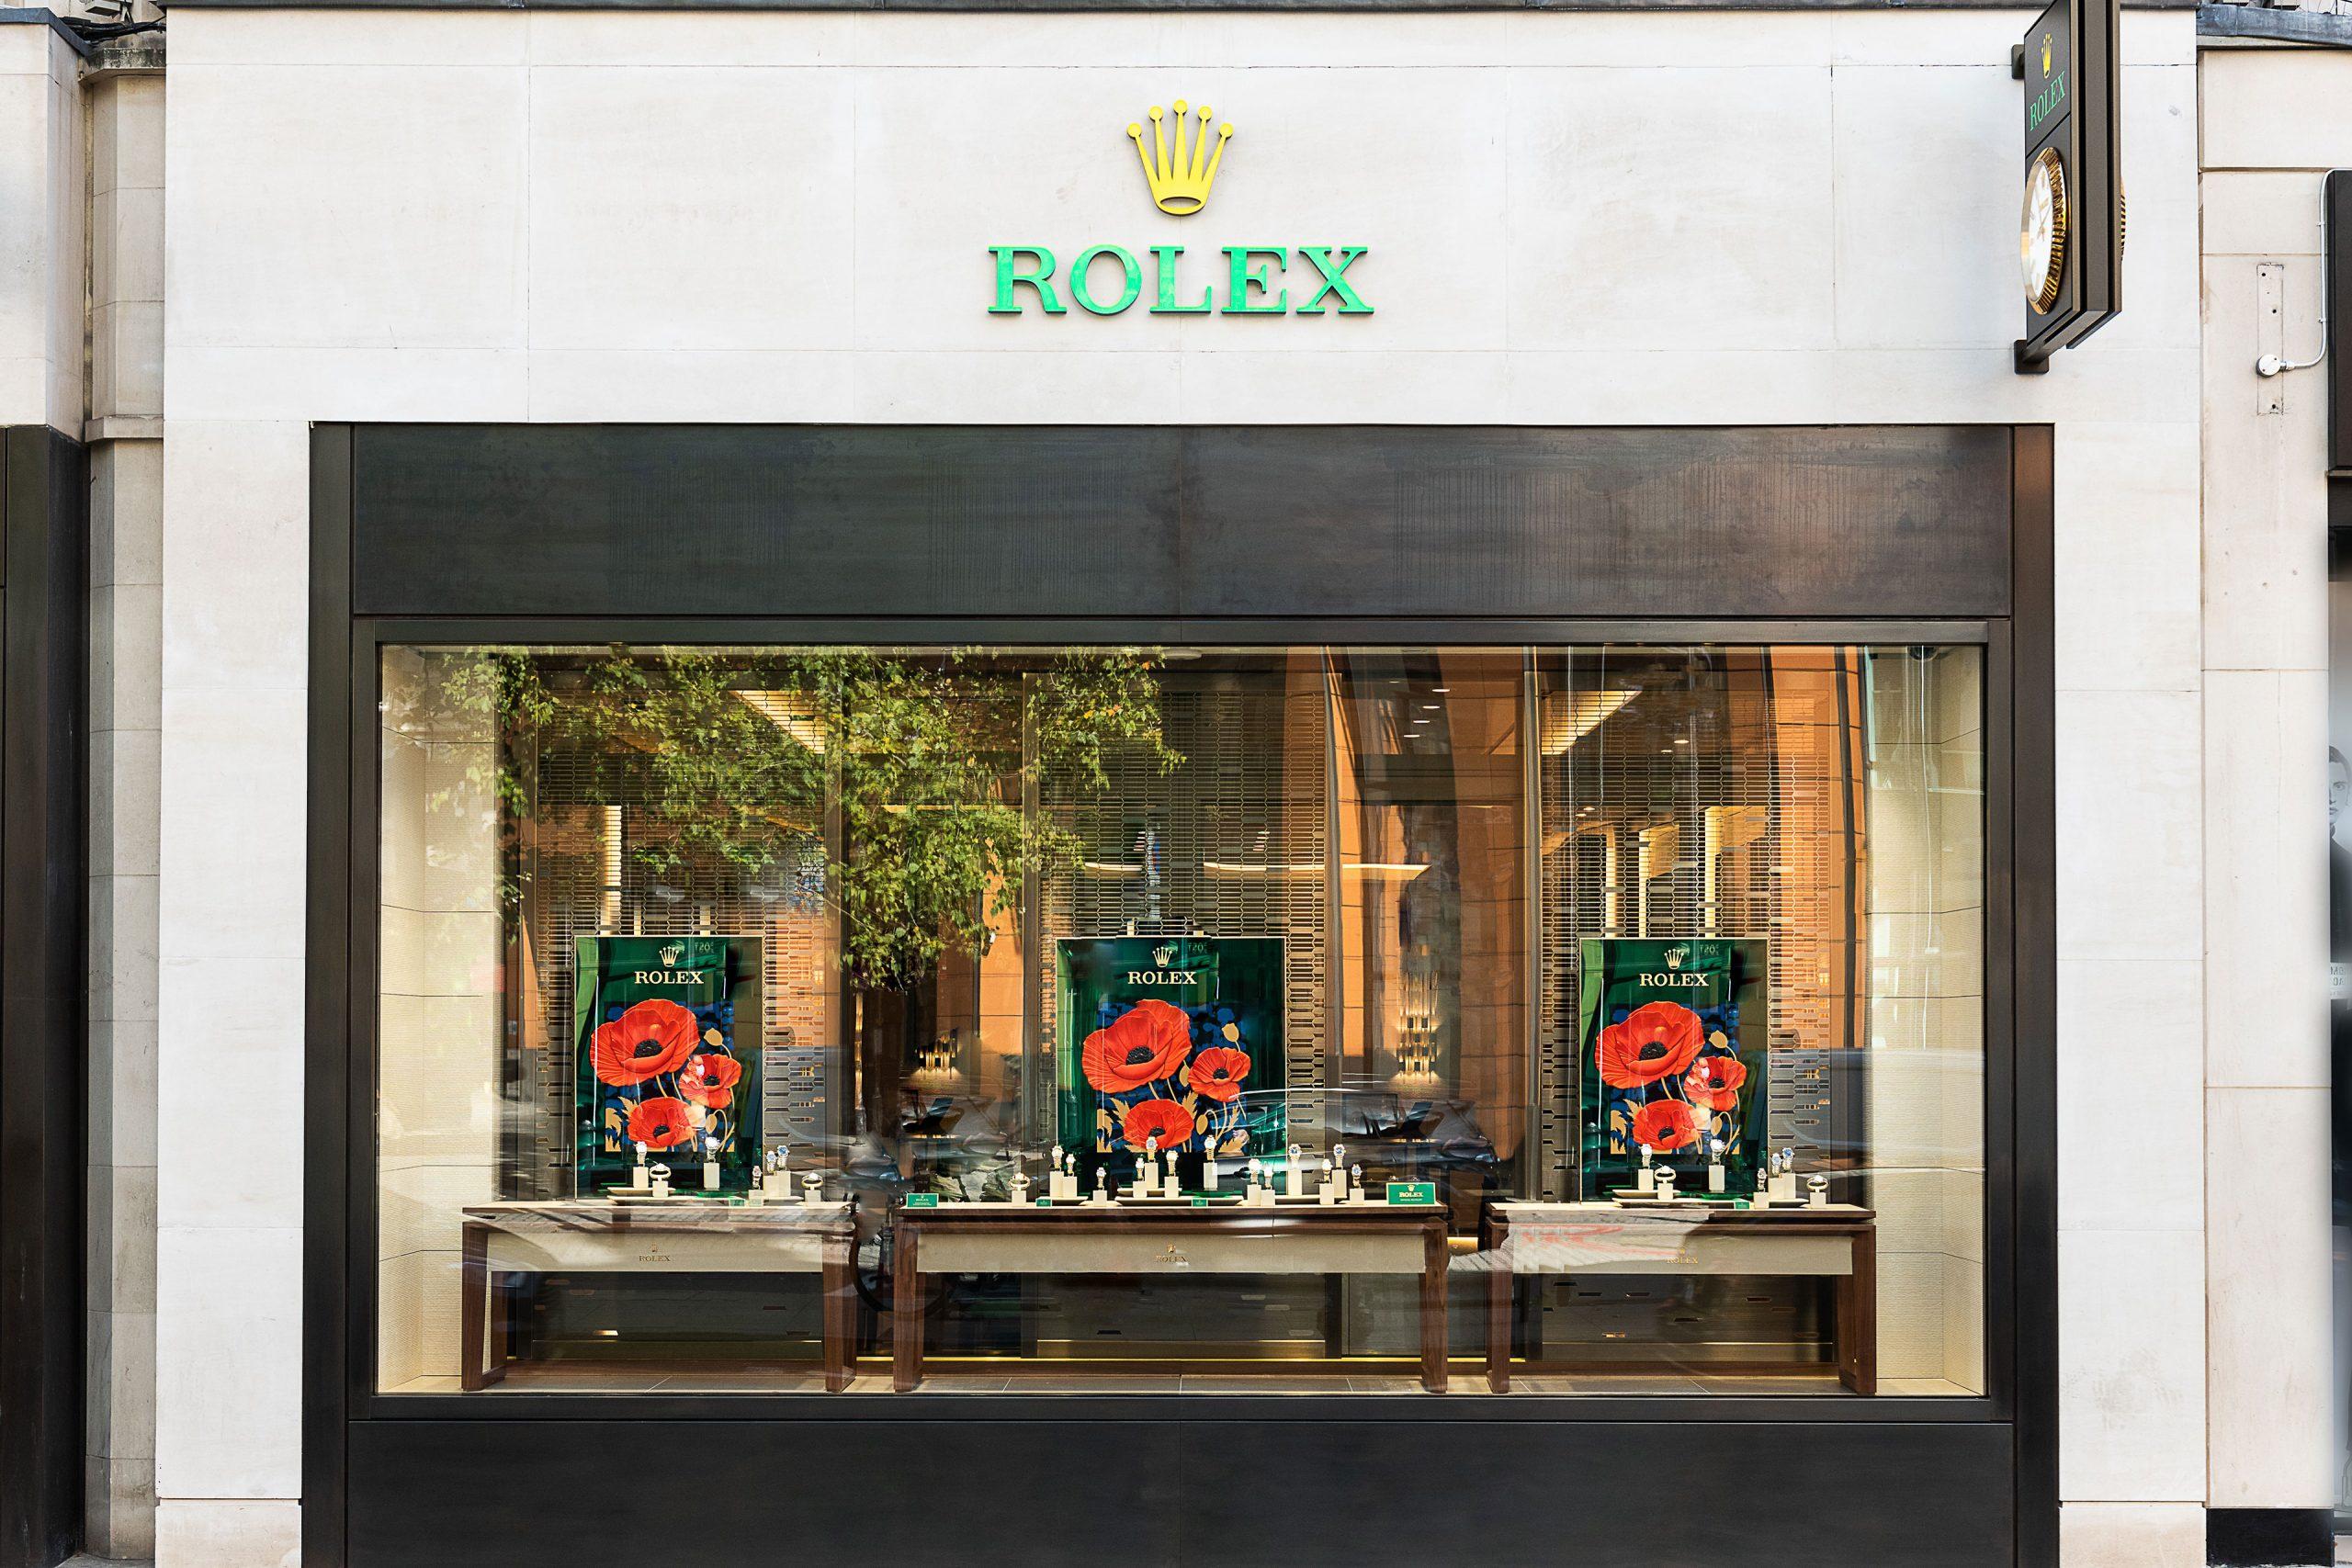 劳力士合作百年的经销商 Watches of Switzerland 为品牌在伦敦开出全新展厅